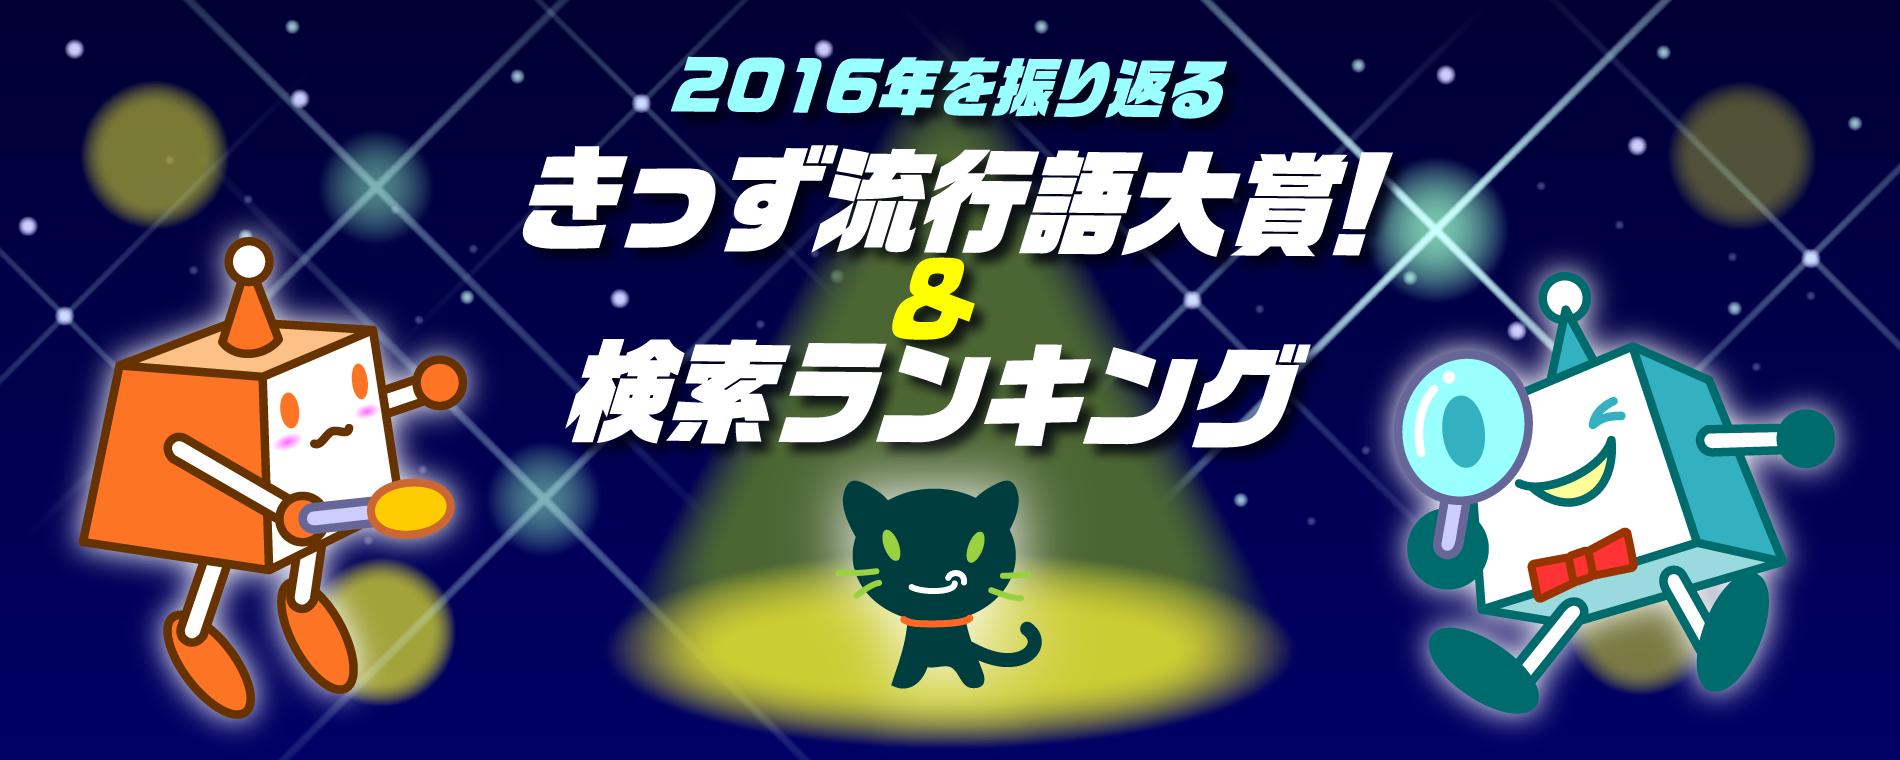 きっず流行語大賞&検索ランキング2016